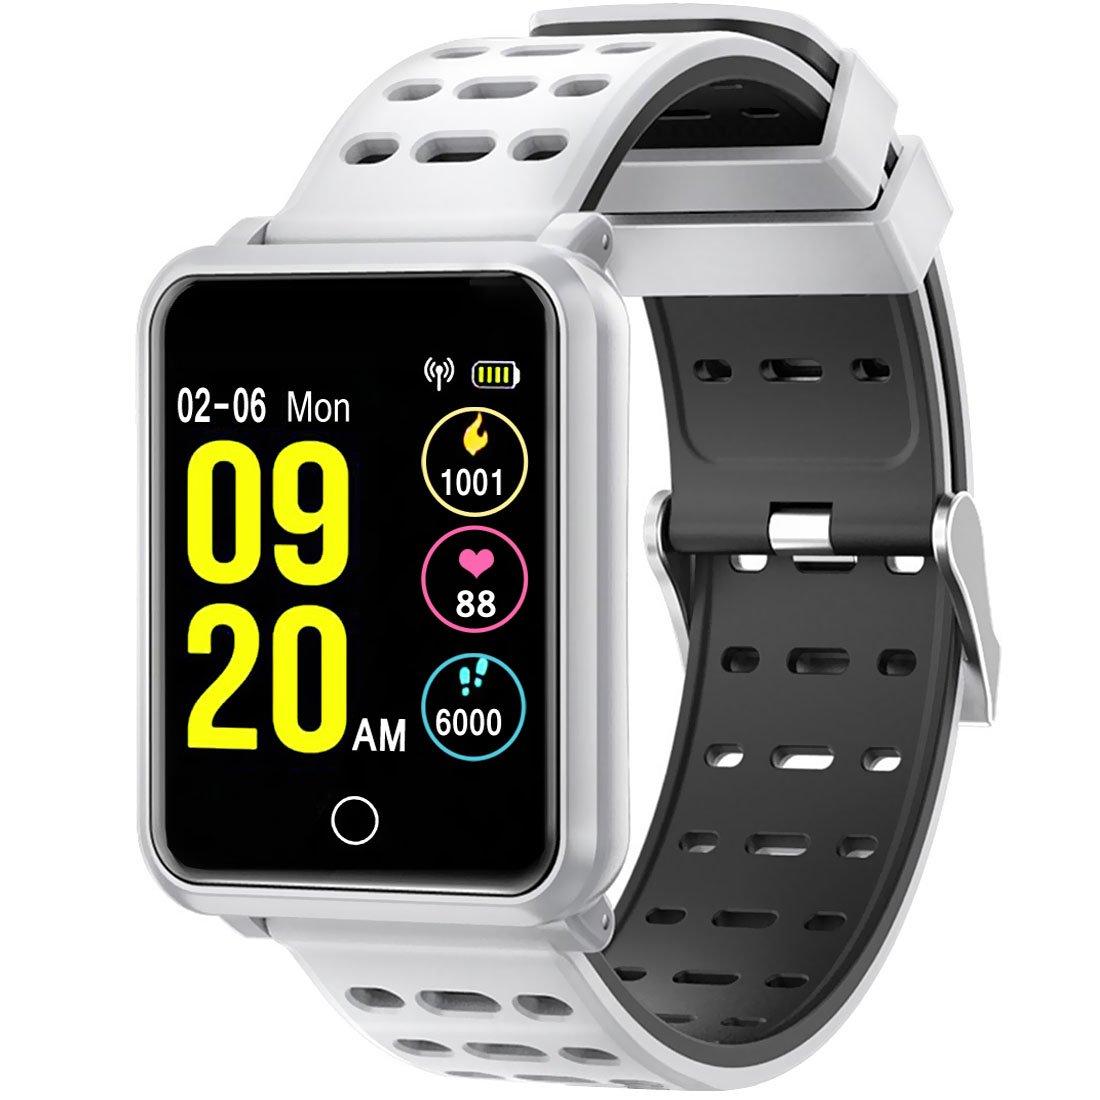 LCDカラースクリーンスポーツウォッチ、パード血圧心拍数睡眠モニターリストバンド、iOS用フィットネストラッカー、ホワイト B07DVH5MHH